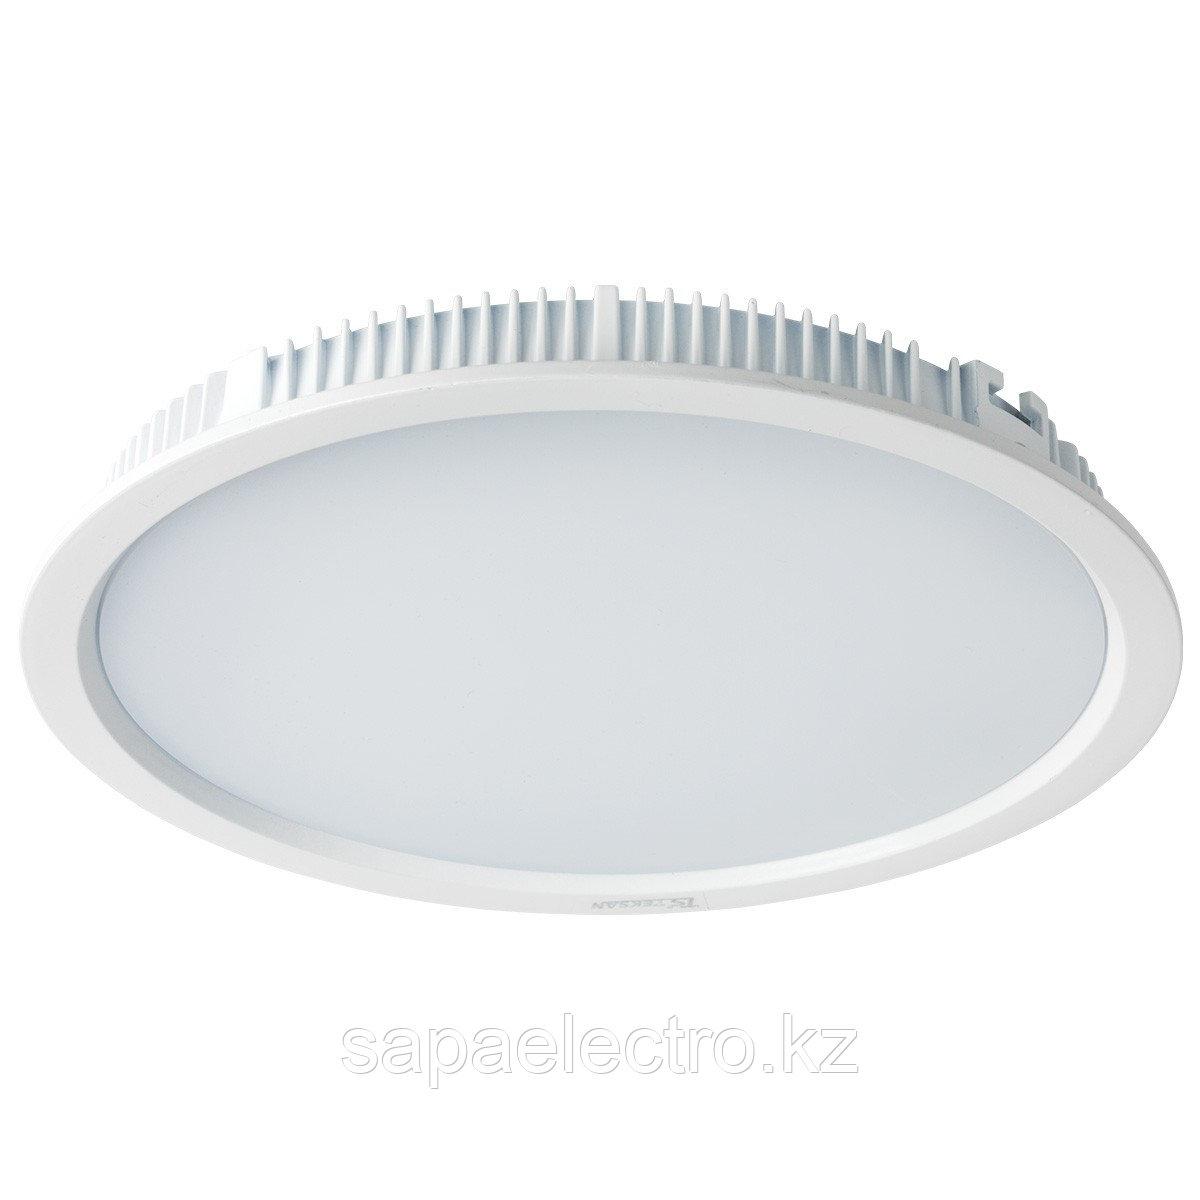 Свет-к LED RD PANEL 30W 6000K WHITE (TEKSAN) 20шт